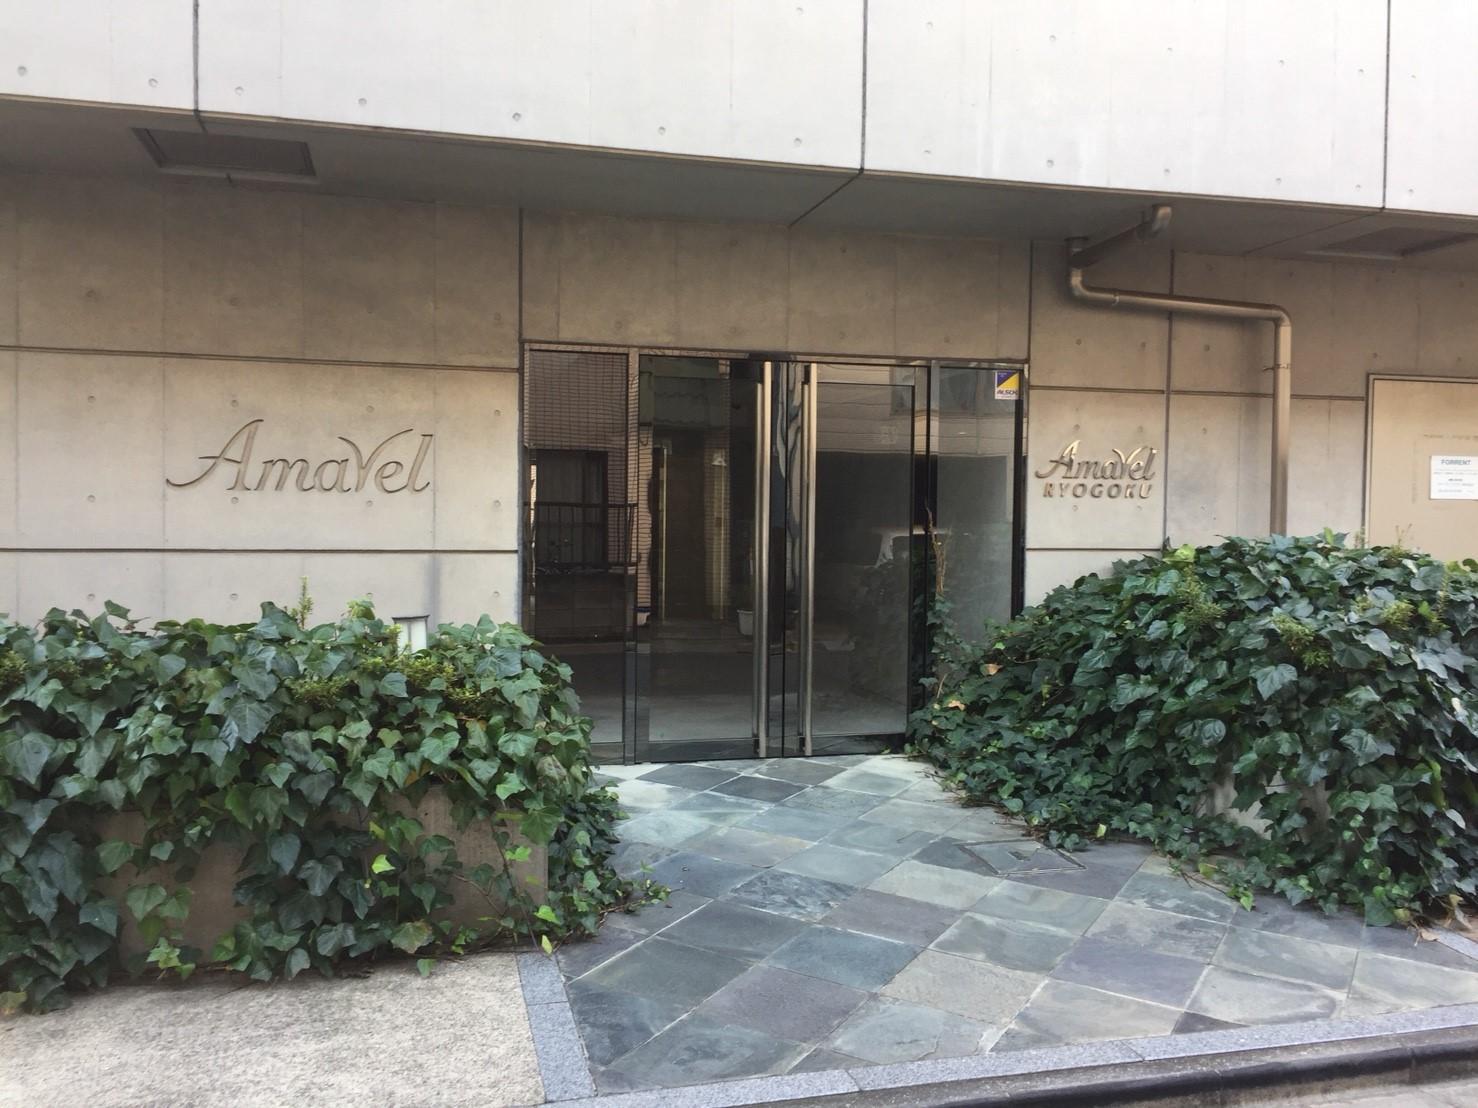 1K Apartment - Yokoami - Sumida-ku - Tokyo - Japan - For Rent